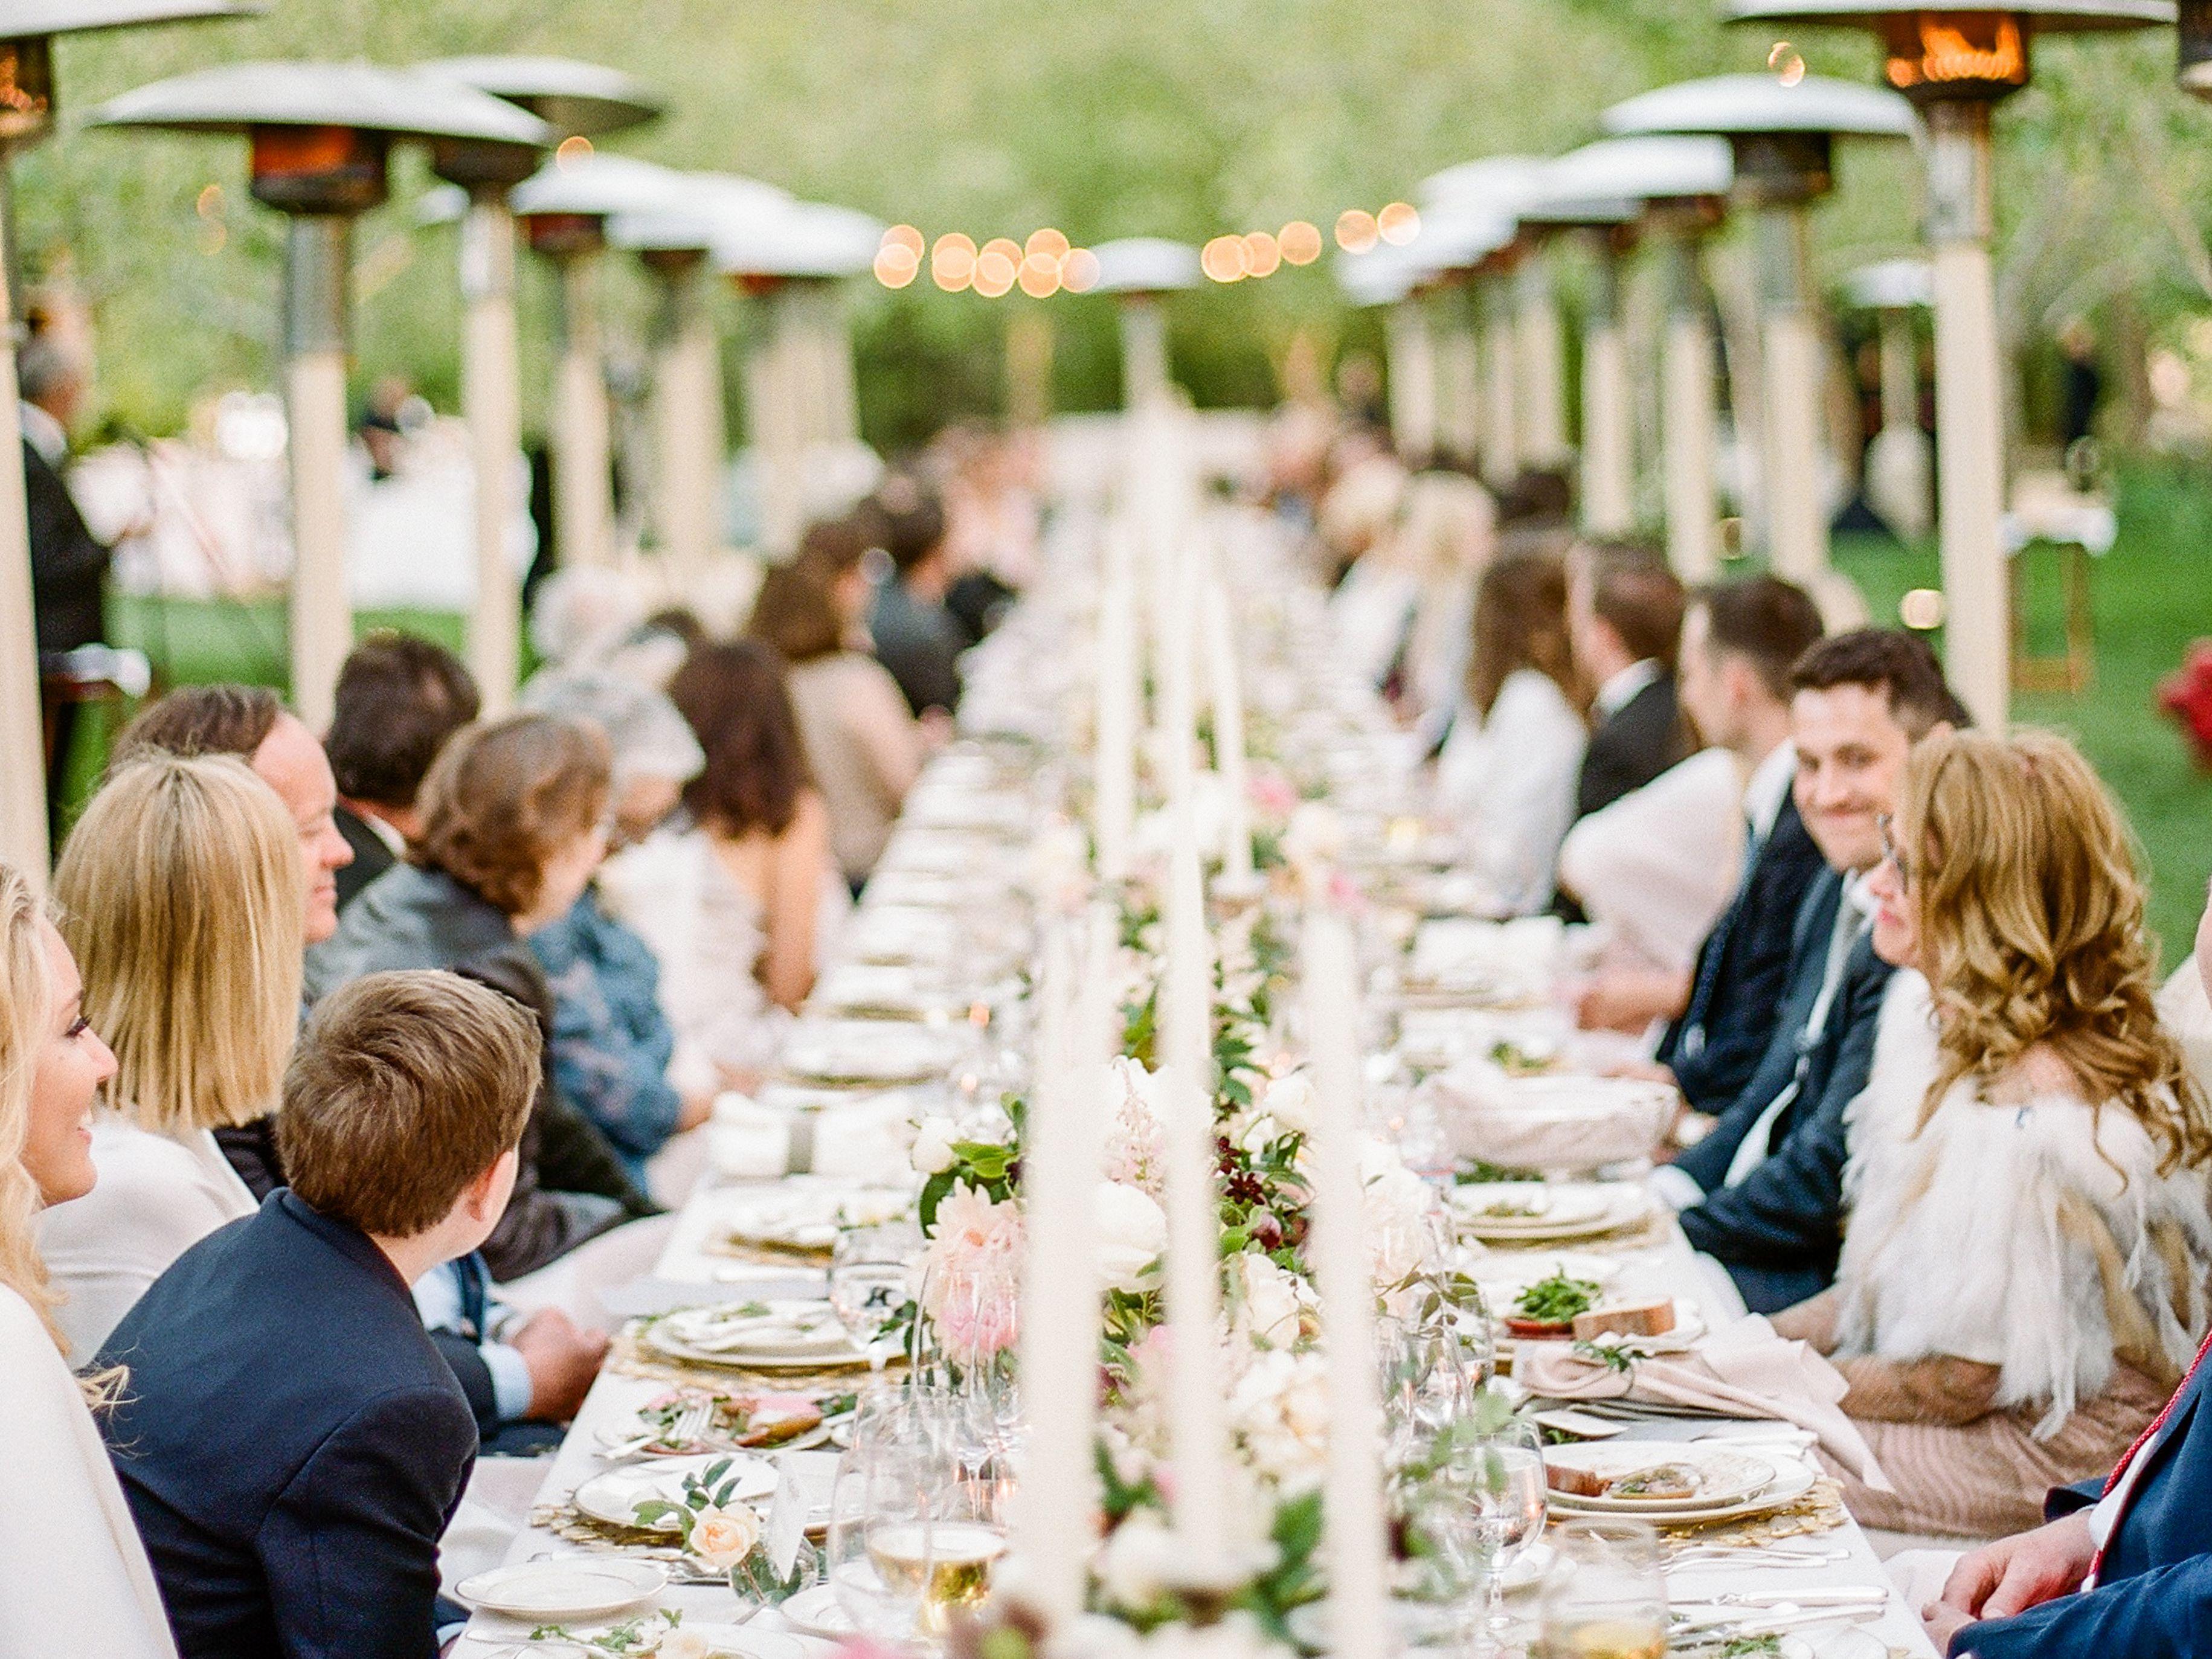 Wedding Reception Meal Styles & Menu Ideas